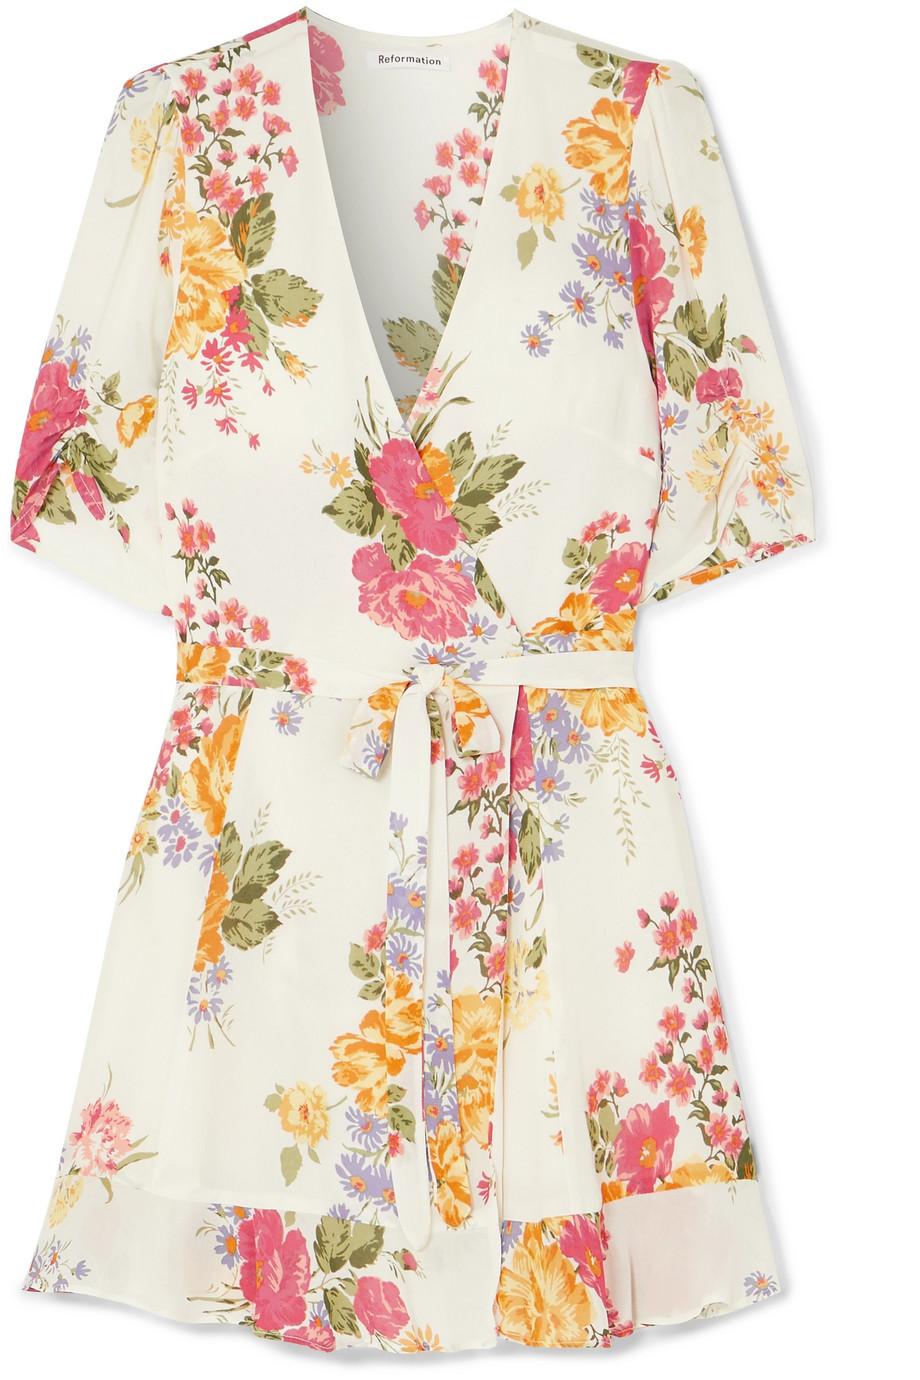 Reformation | Monica floral-print georgette wrap dress | NET-A-PORTER.COM